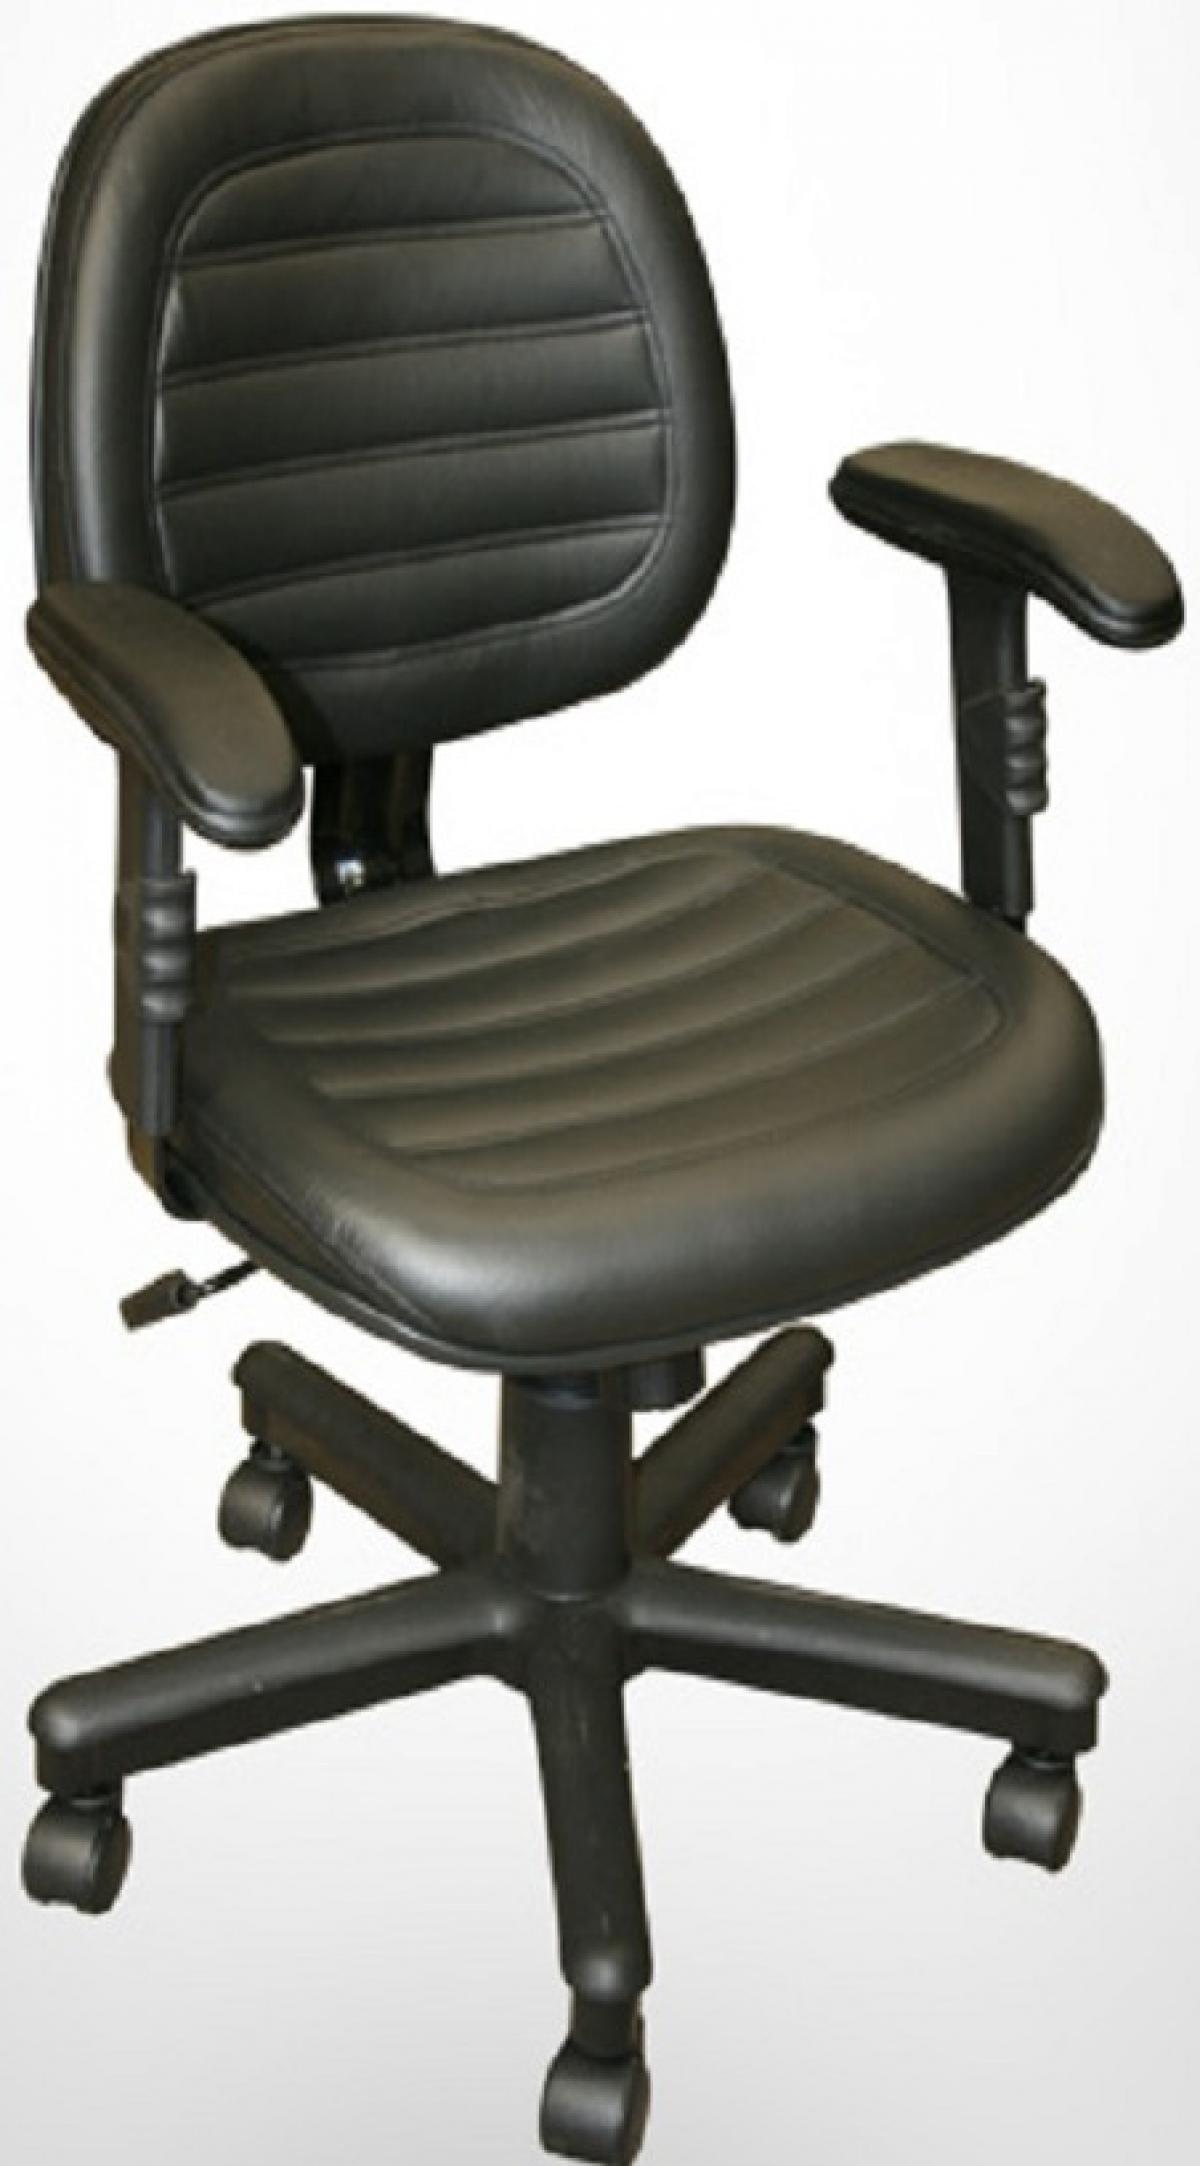 CAD - 48 Cadeira Para Escritório Executiva Costurada Com Braço Giratoria Estofada Varias Cores